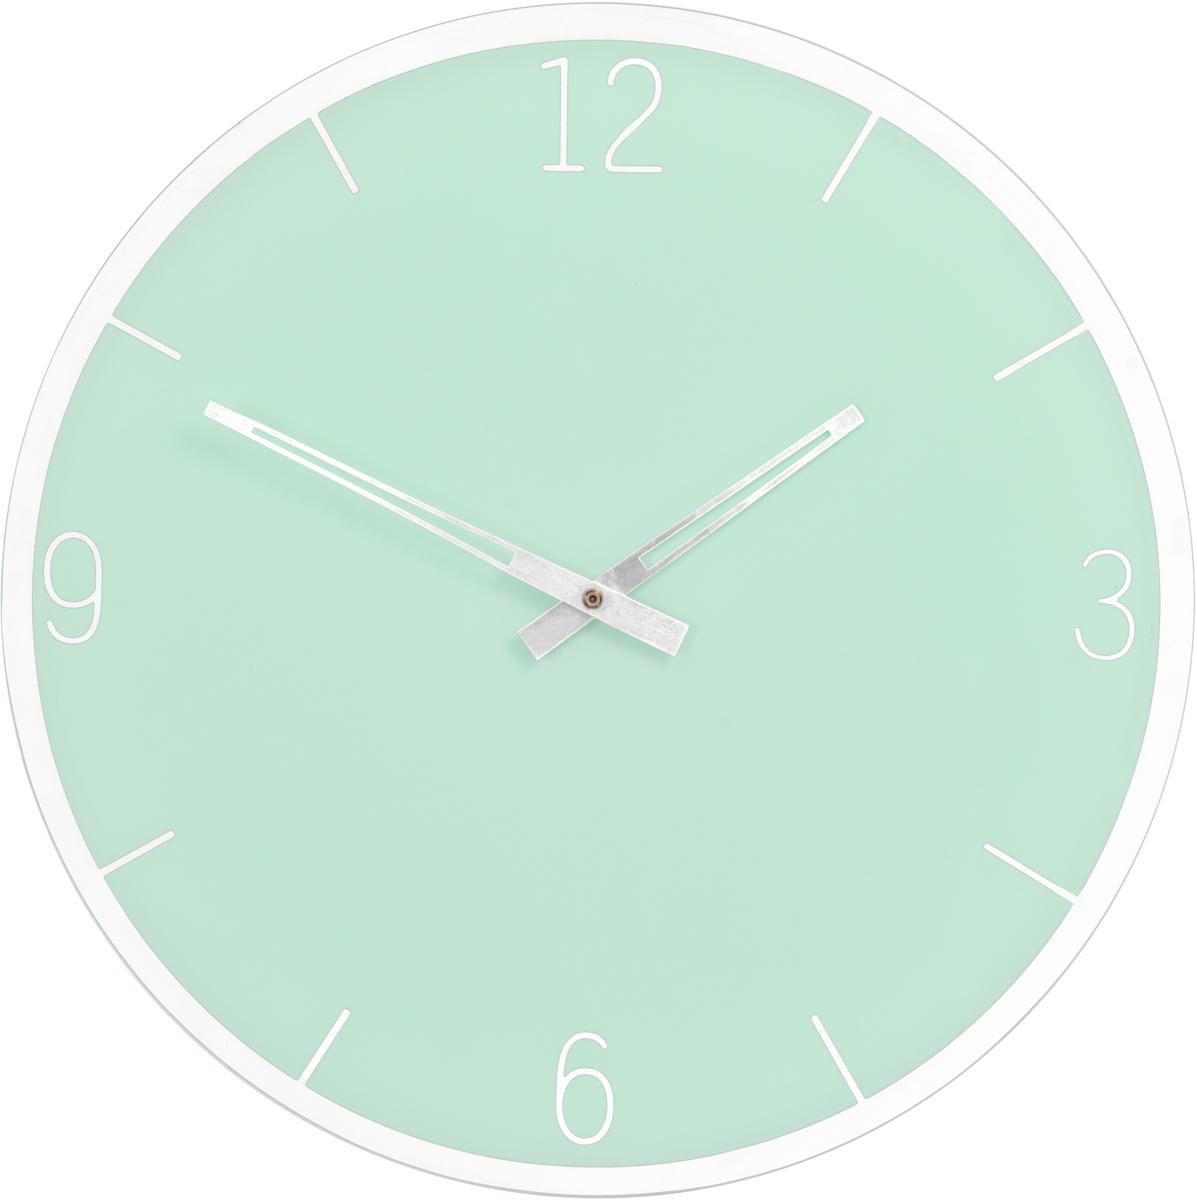 Часы настенные Innova W09654 имеют корпус из муранского стекла, дополнены зеркальной окантовкой. Часы снабжены кварцевым механизмом с плавным ходом. Батарейки в комплект не входят.